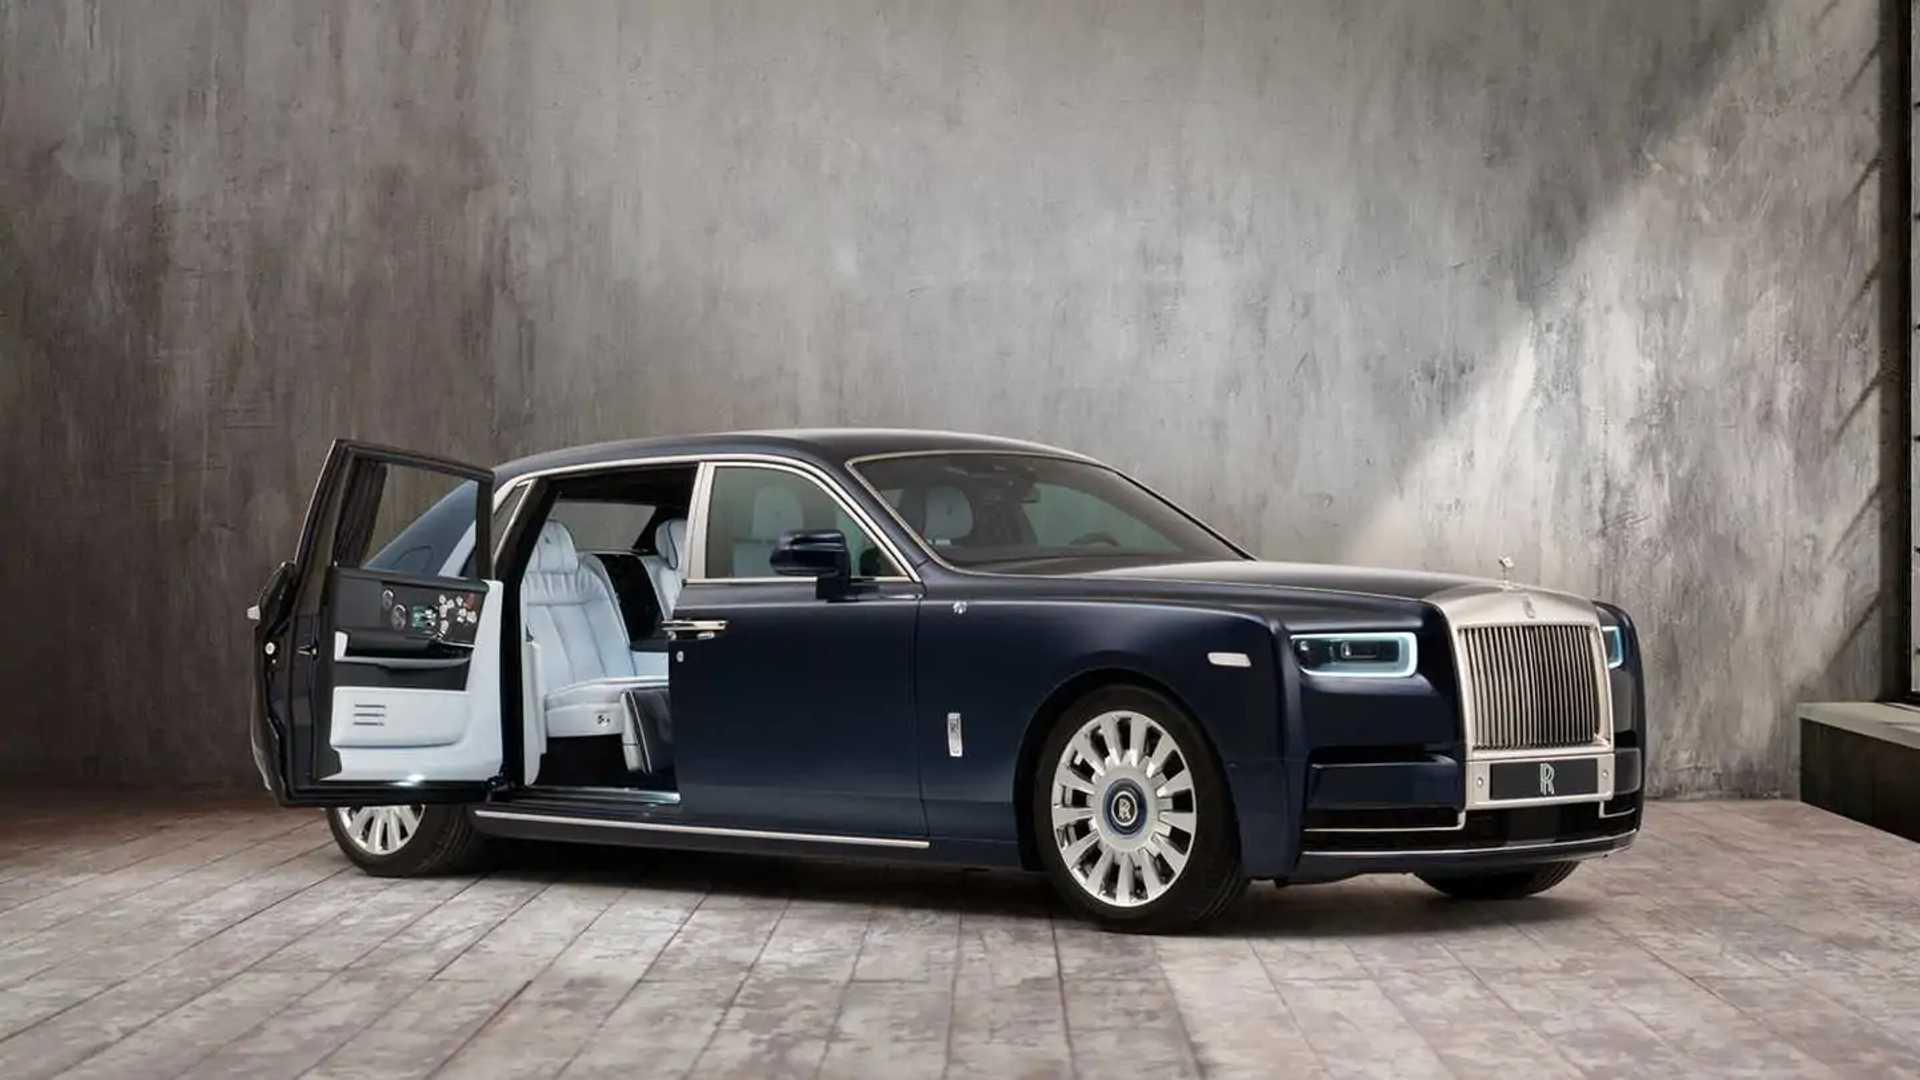 2020 Rolls Royce Phantoms Configurations